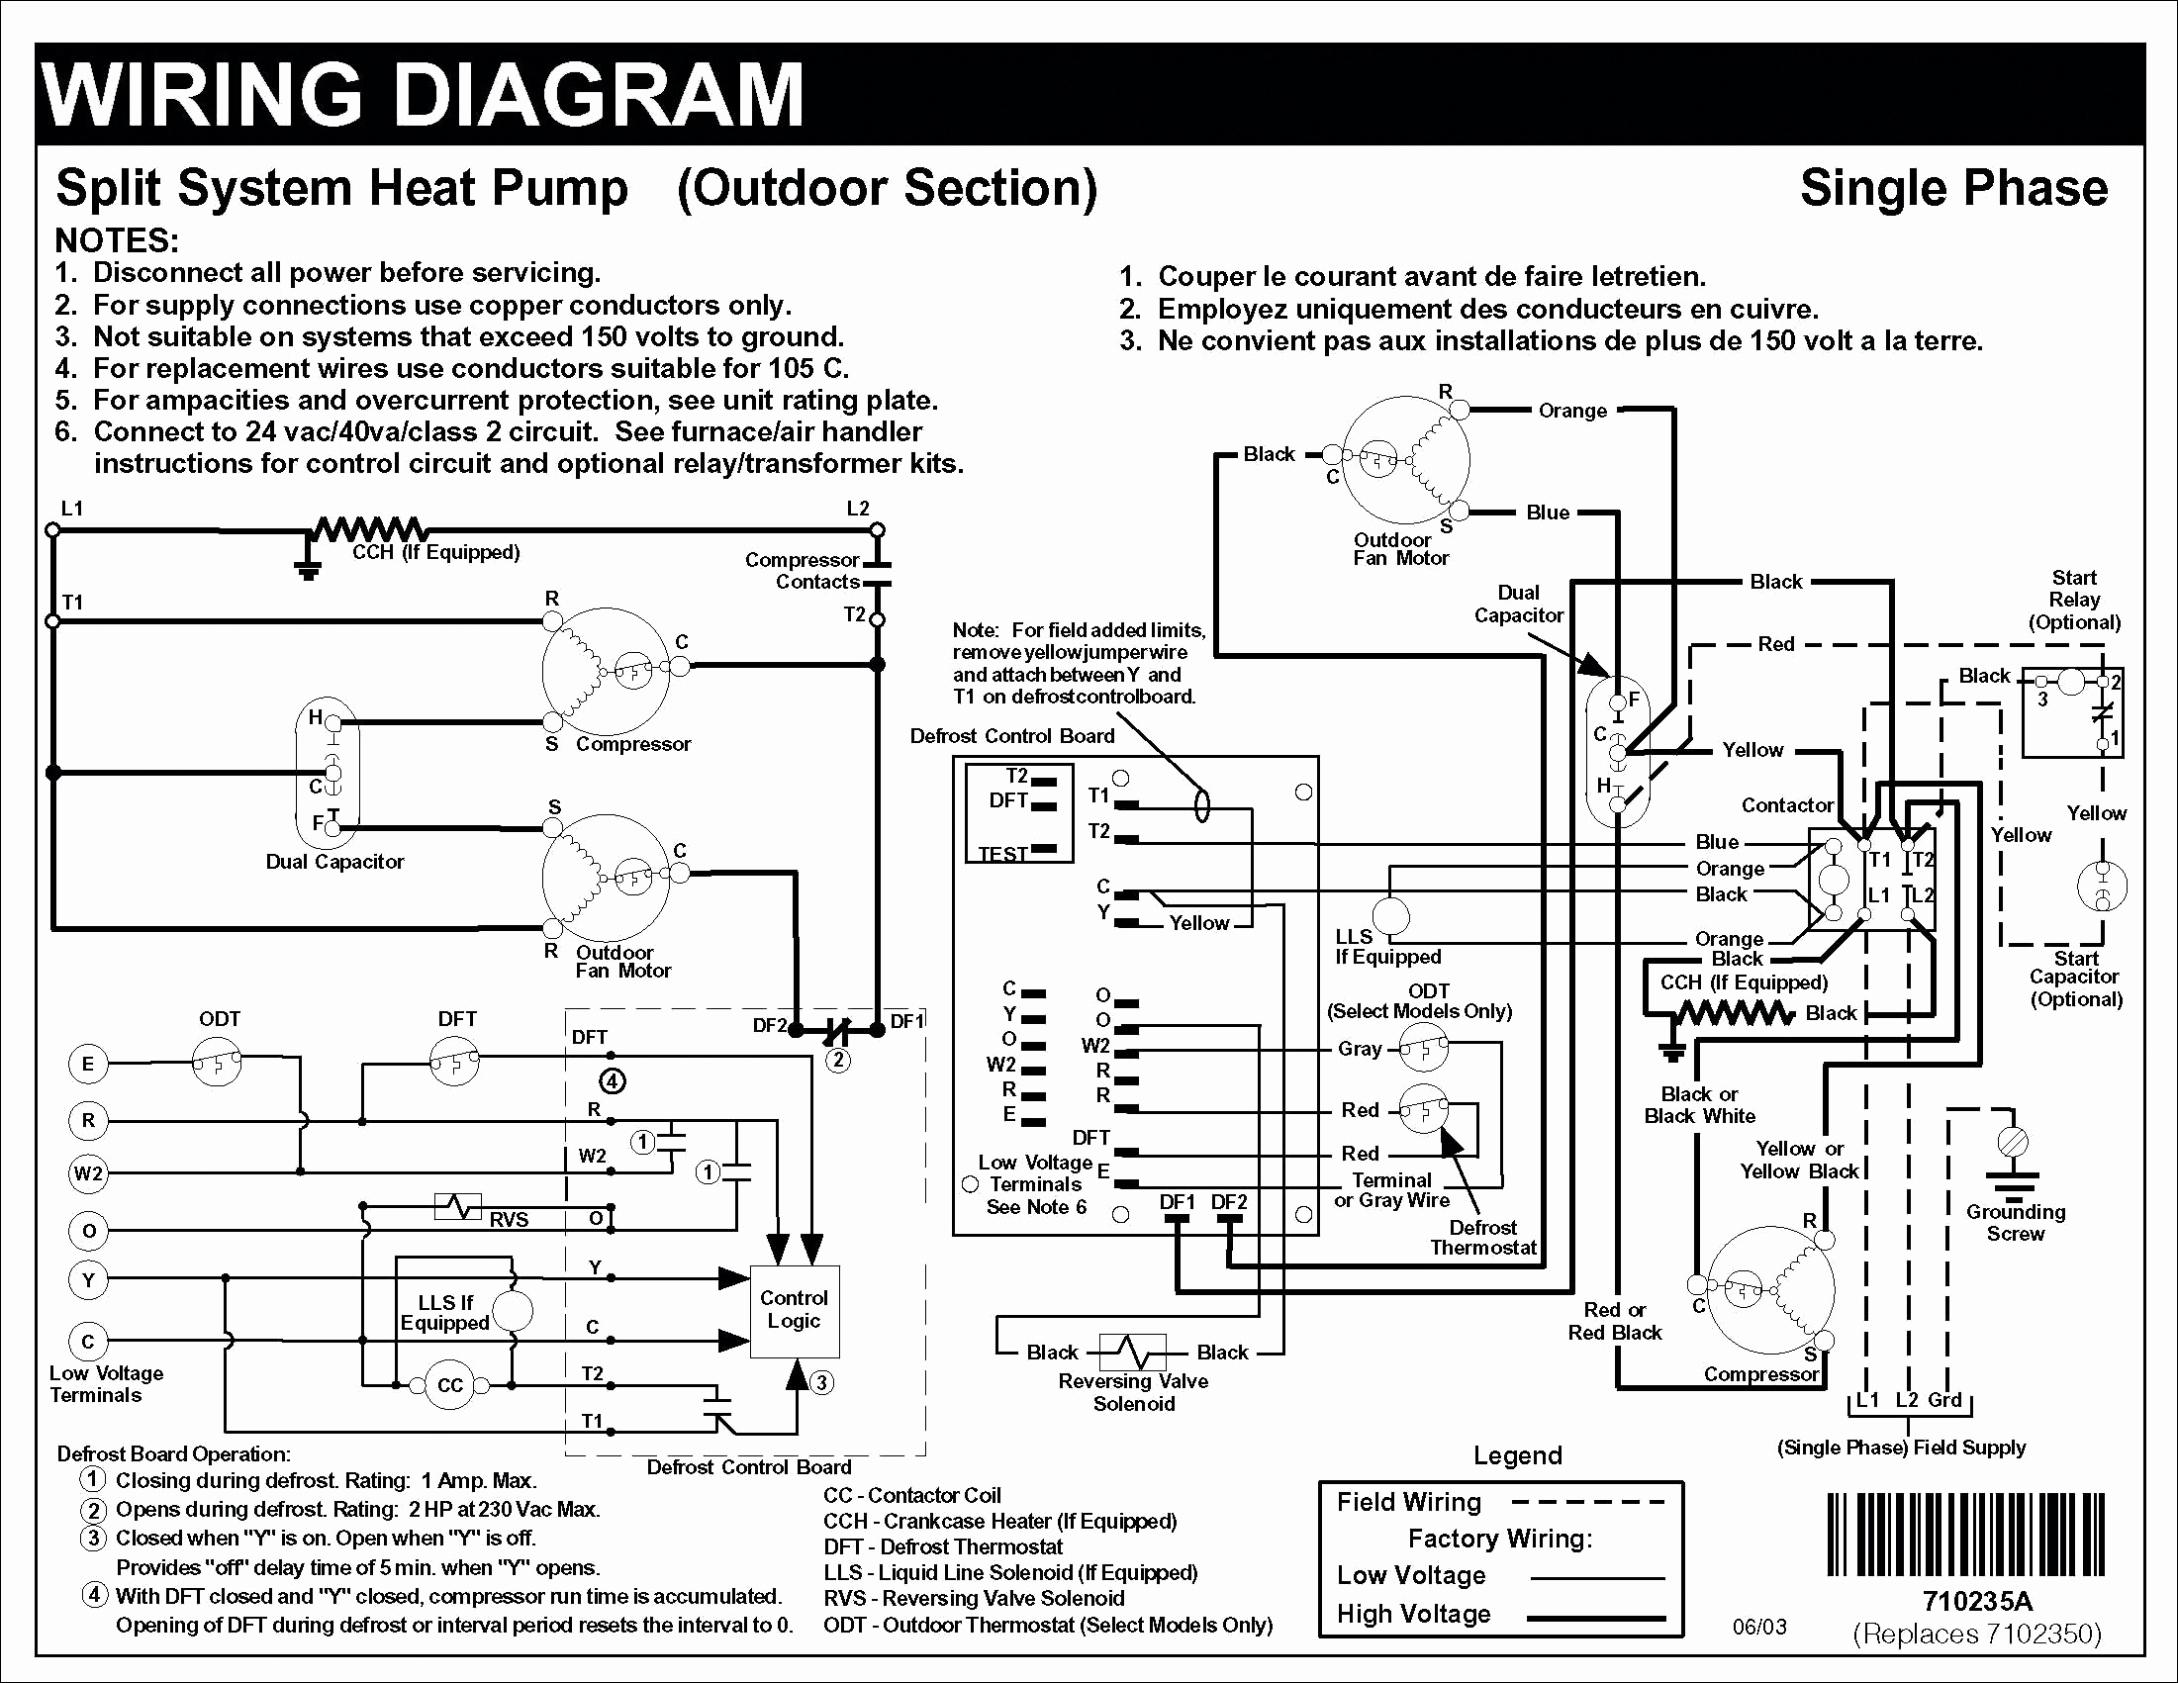 Pioneer Fh X700Bt Wiring Installation | Wiring Diagram - Pioneer Fh-X720Bt Wiring Diagram